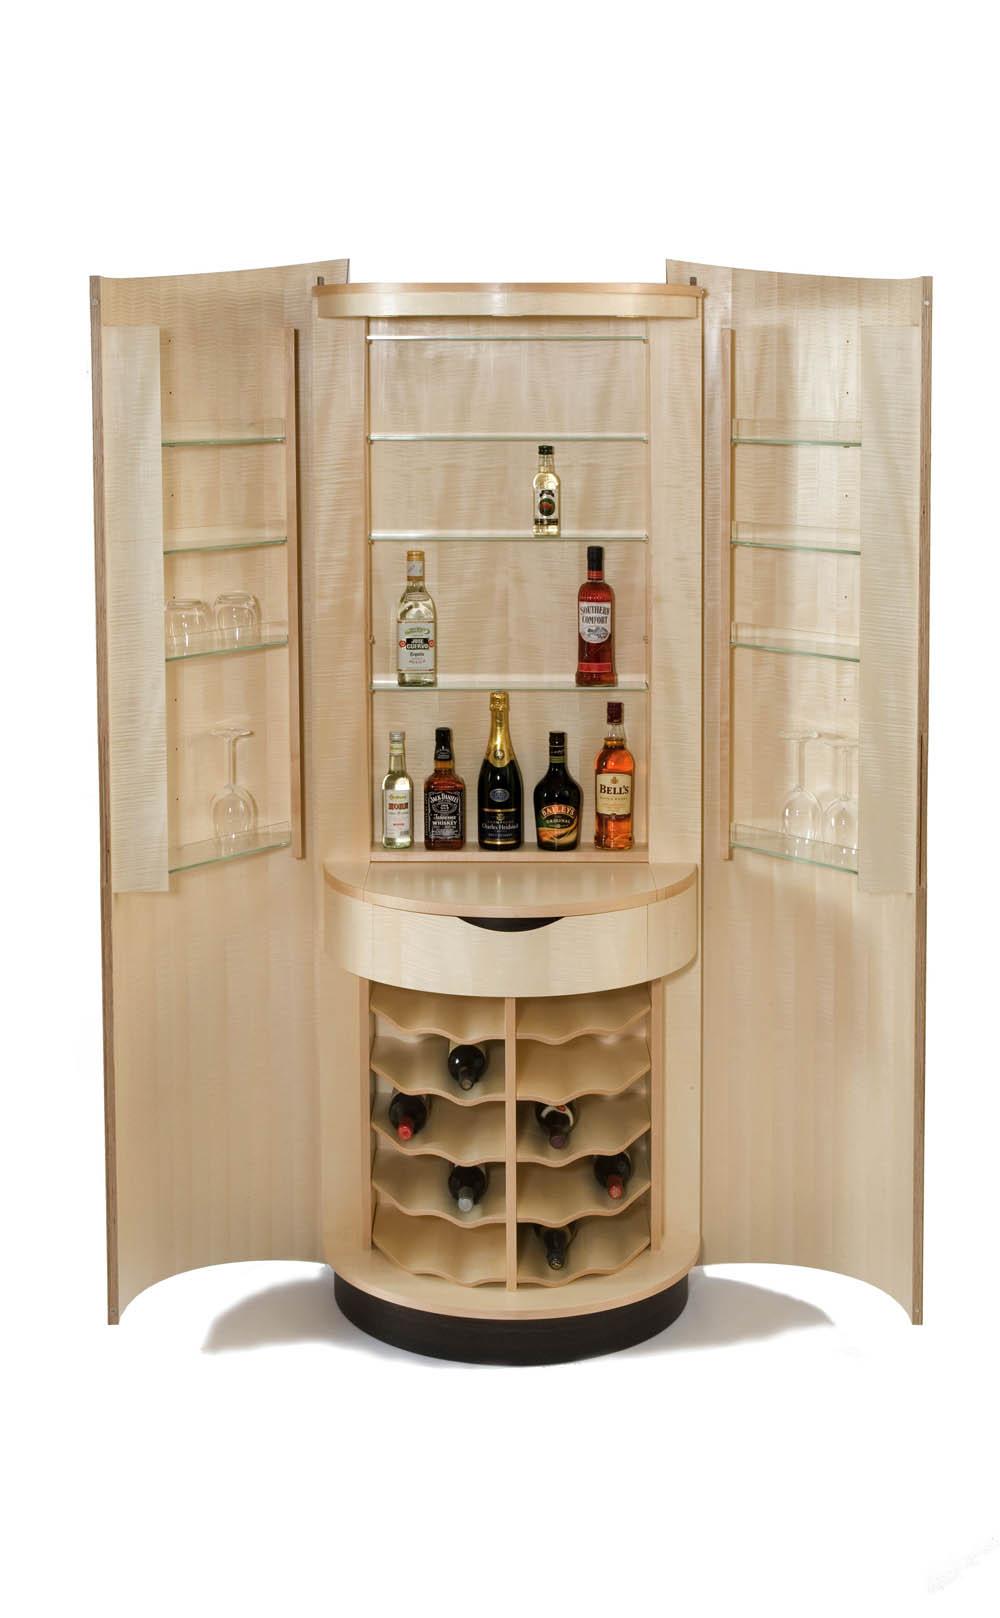 Clinker Drinks Cabinet - Edward Barnsley Workshop